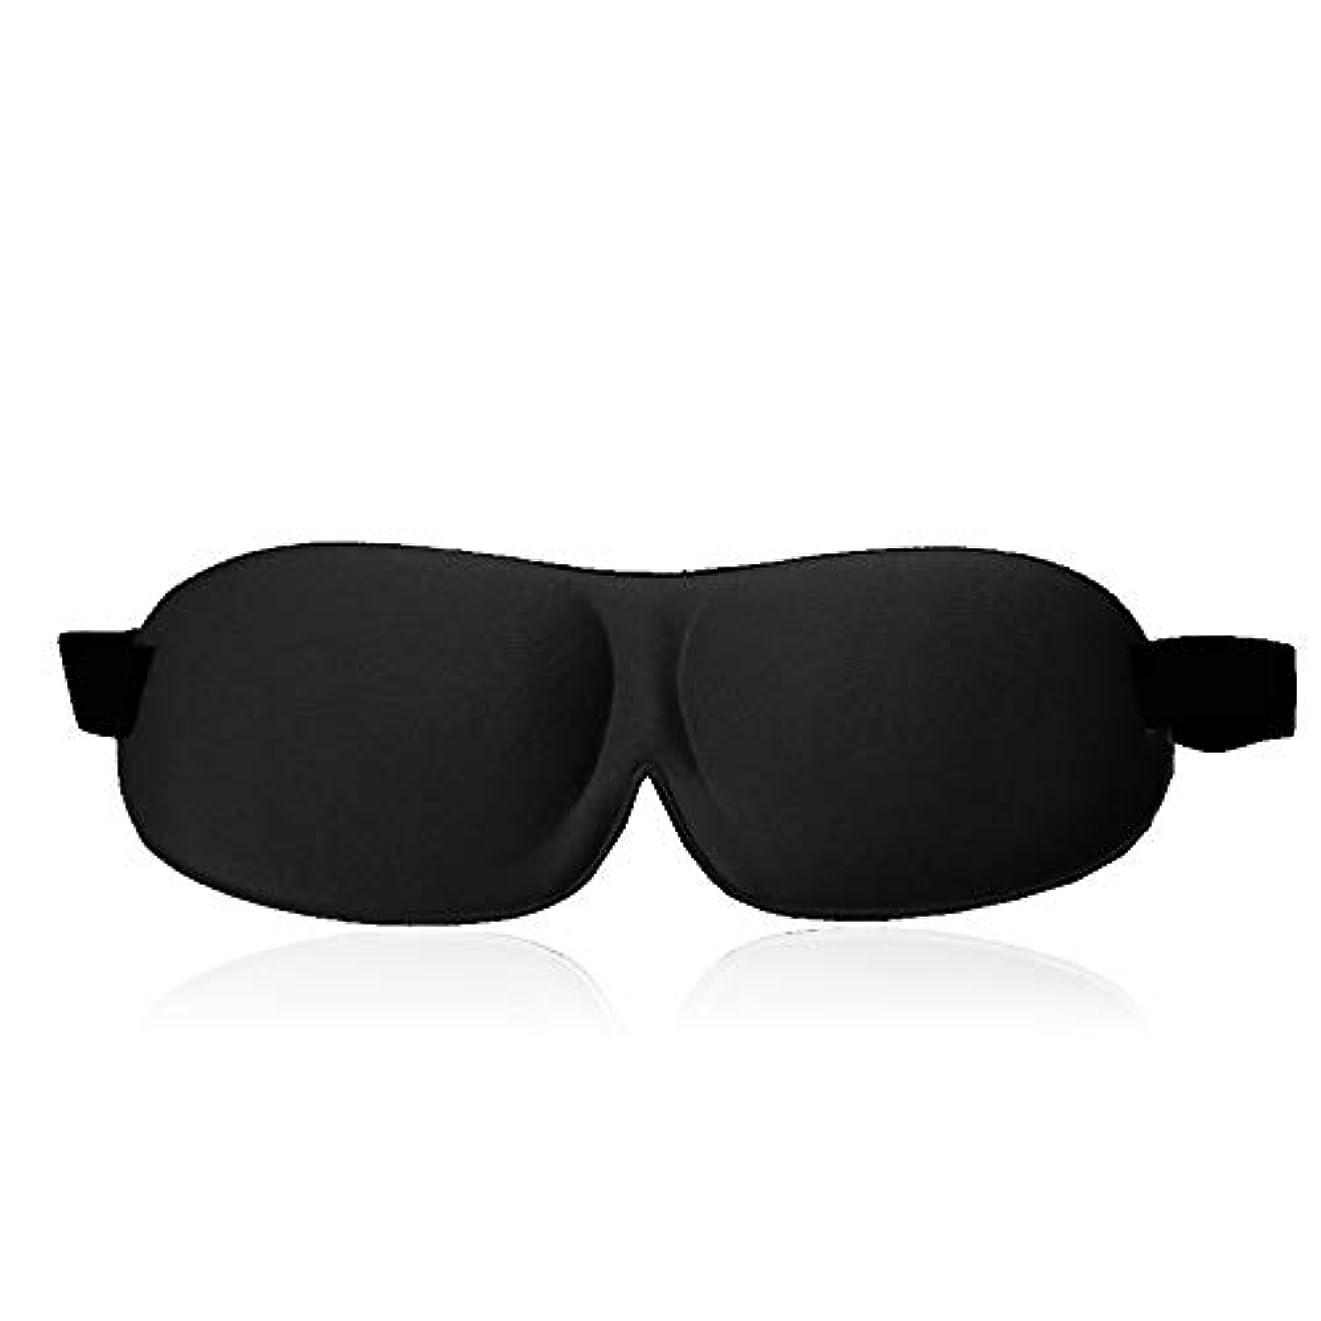 消化受け継ぐ登録するNOTE ポータブル睡眠アイマスク3d目隠し用より良い睡眠旅行残りシェーディングゴーグルソフトアイパッチ用男性女性アイマスク睡眠補助